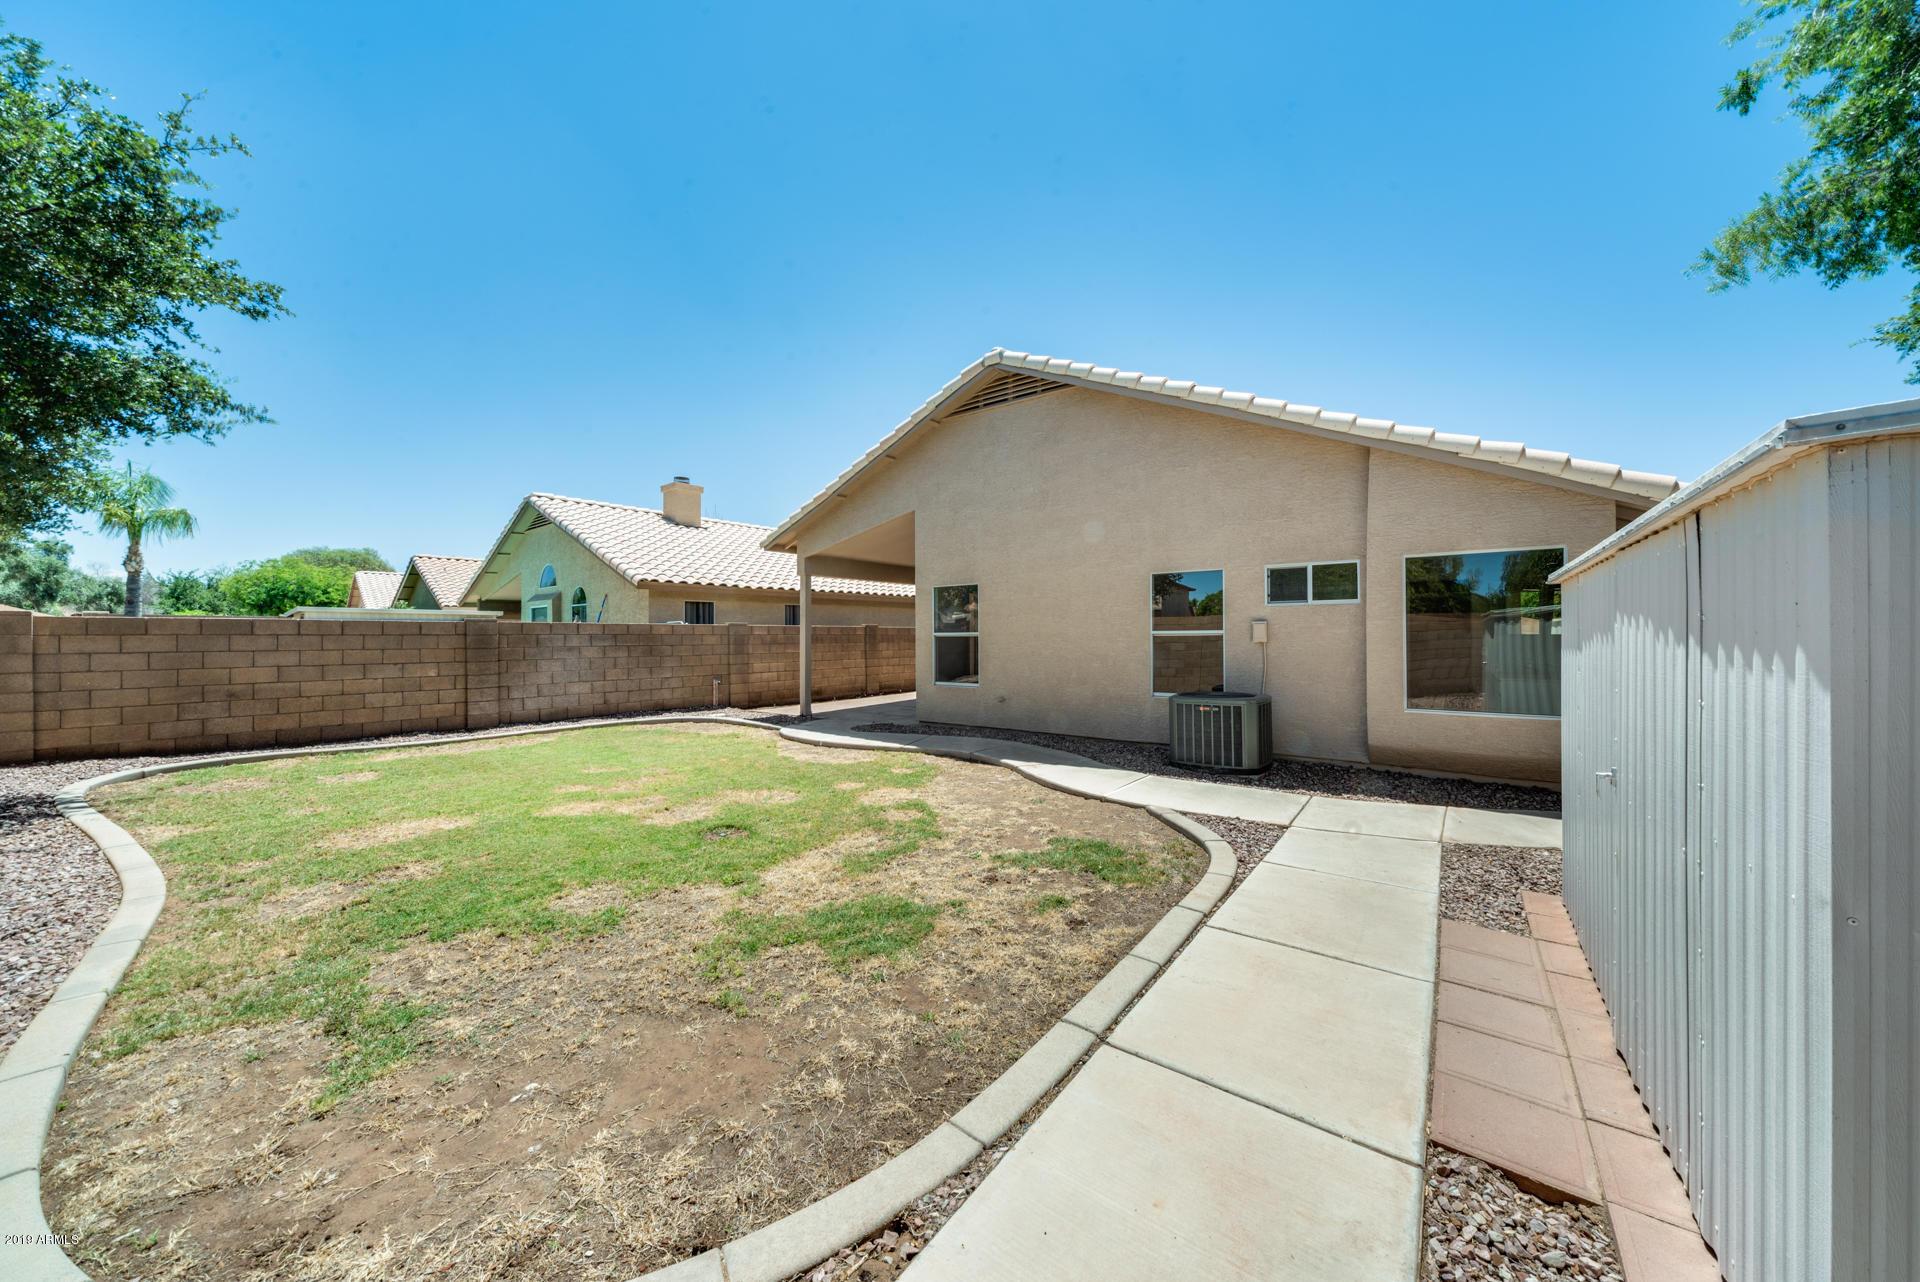 MLS 5943188 3856 E ENCINAS Avenue, Gilbert, AZ 85234 Gilbert AZ Carol Rae Ranch